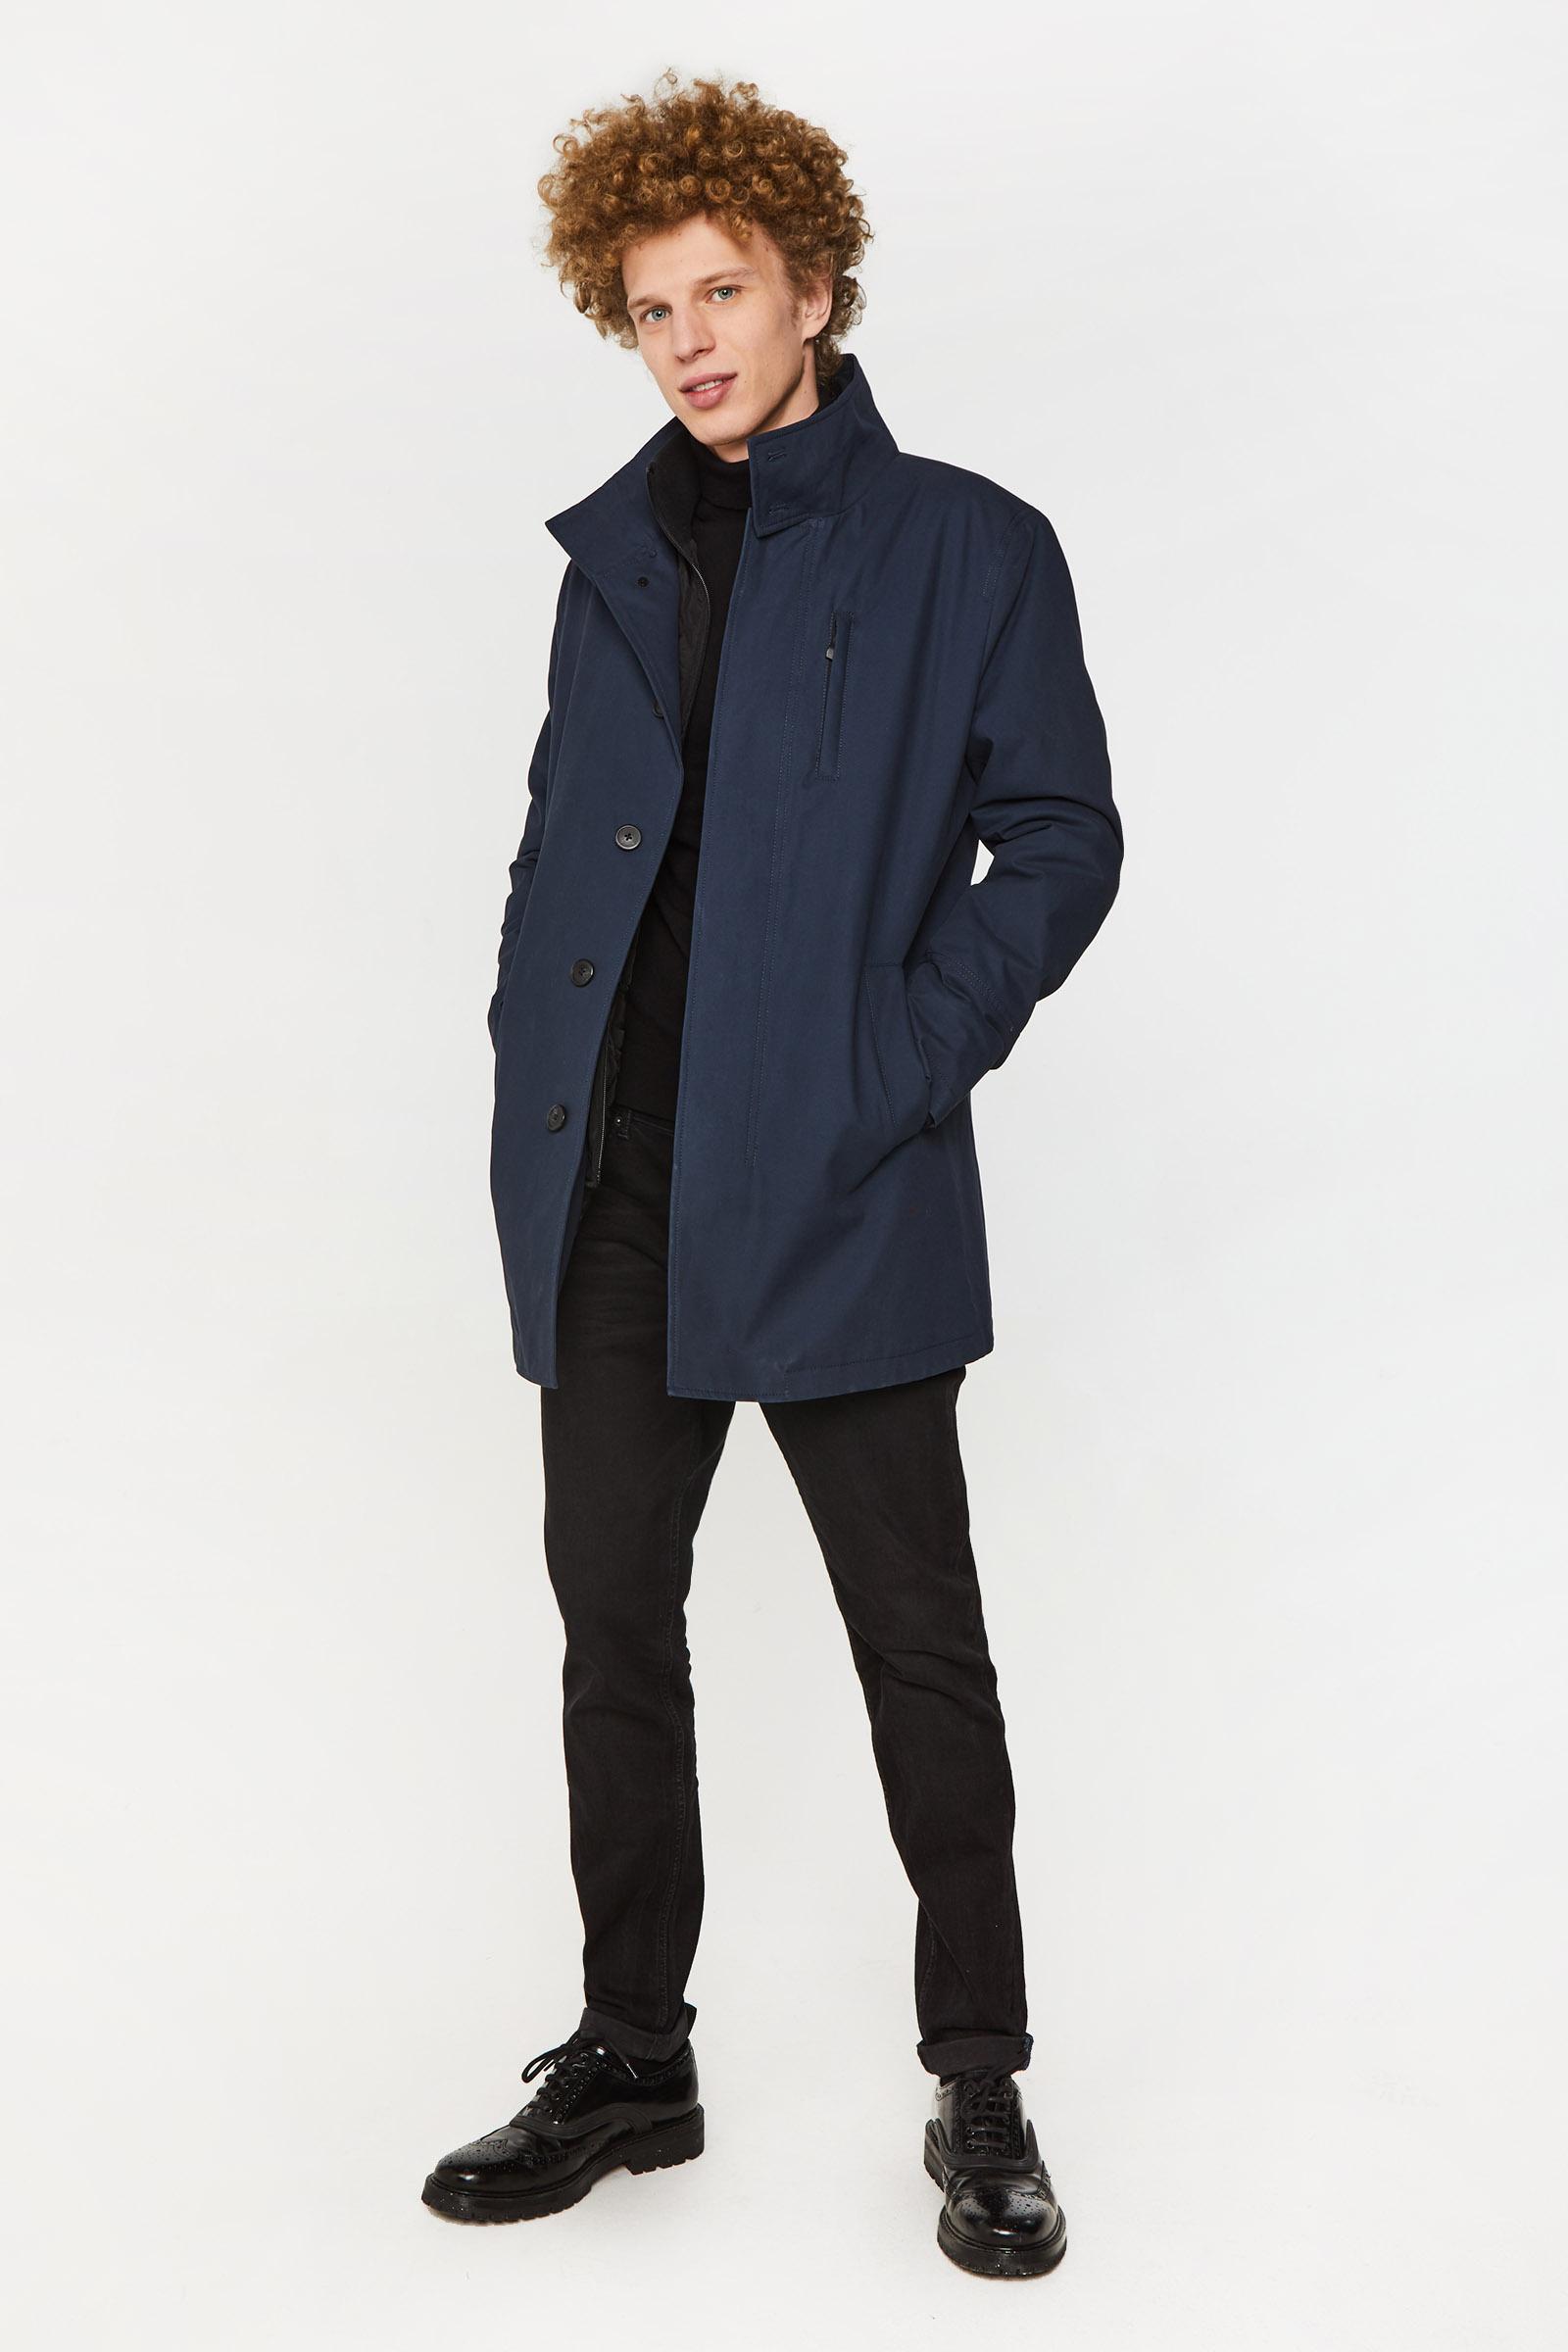 Heren jas met gewatteerde inzet | 94981483 WE Fashion